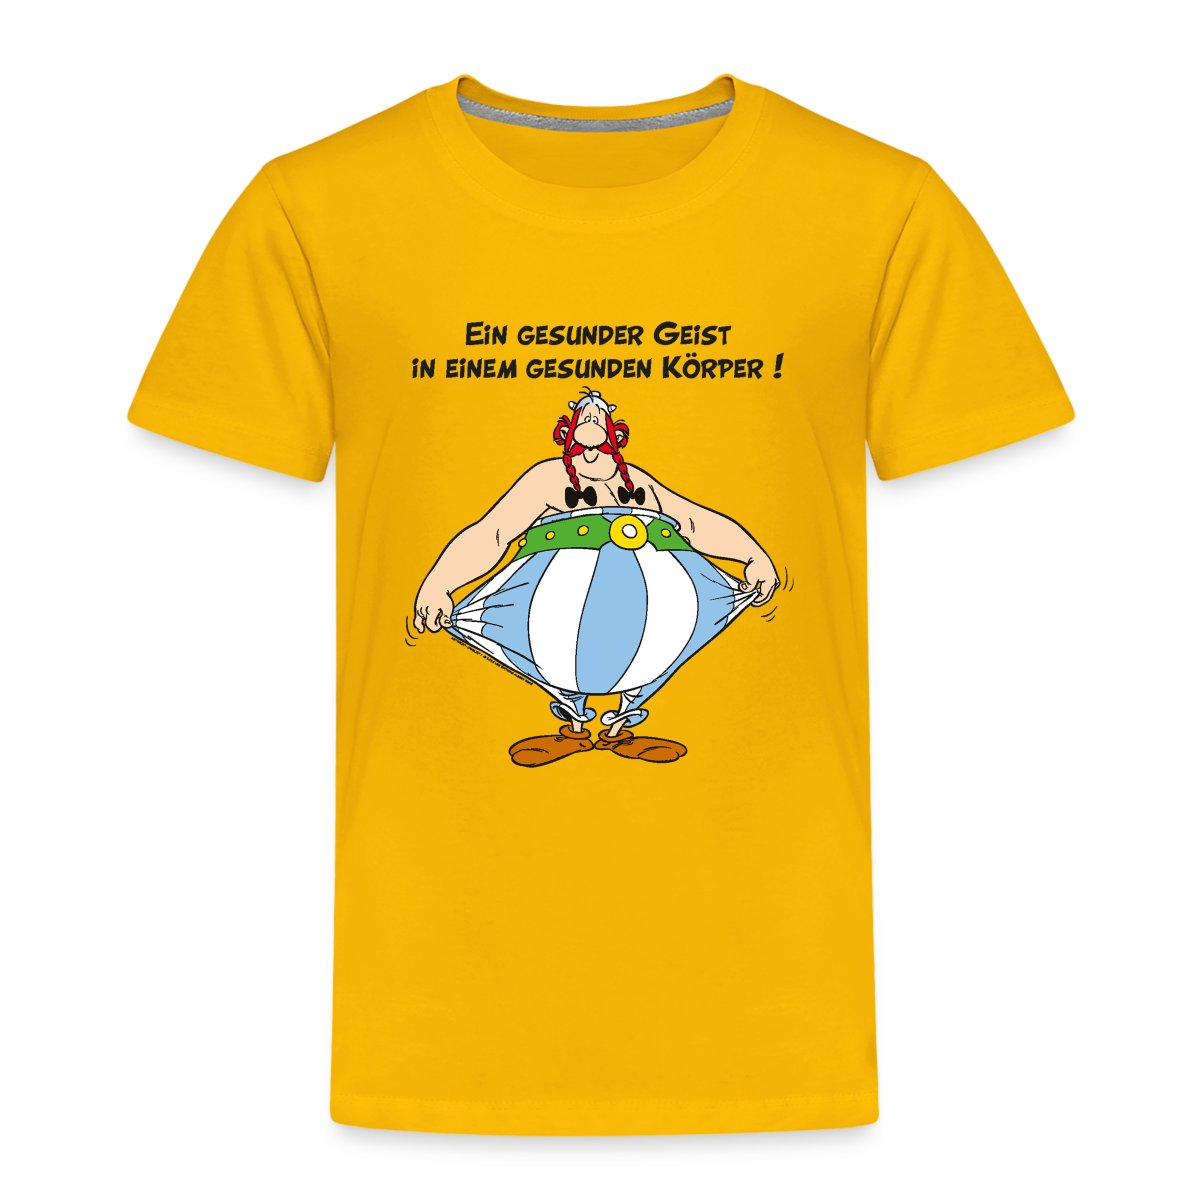 asterix und obelix k rper gesundheit spruch kinder t shirt von spreadshirt ebay. Black Bedroom Furniture Sets. Home Design Ideas